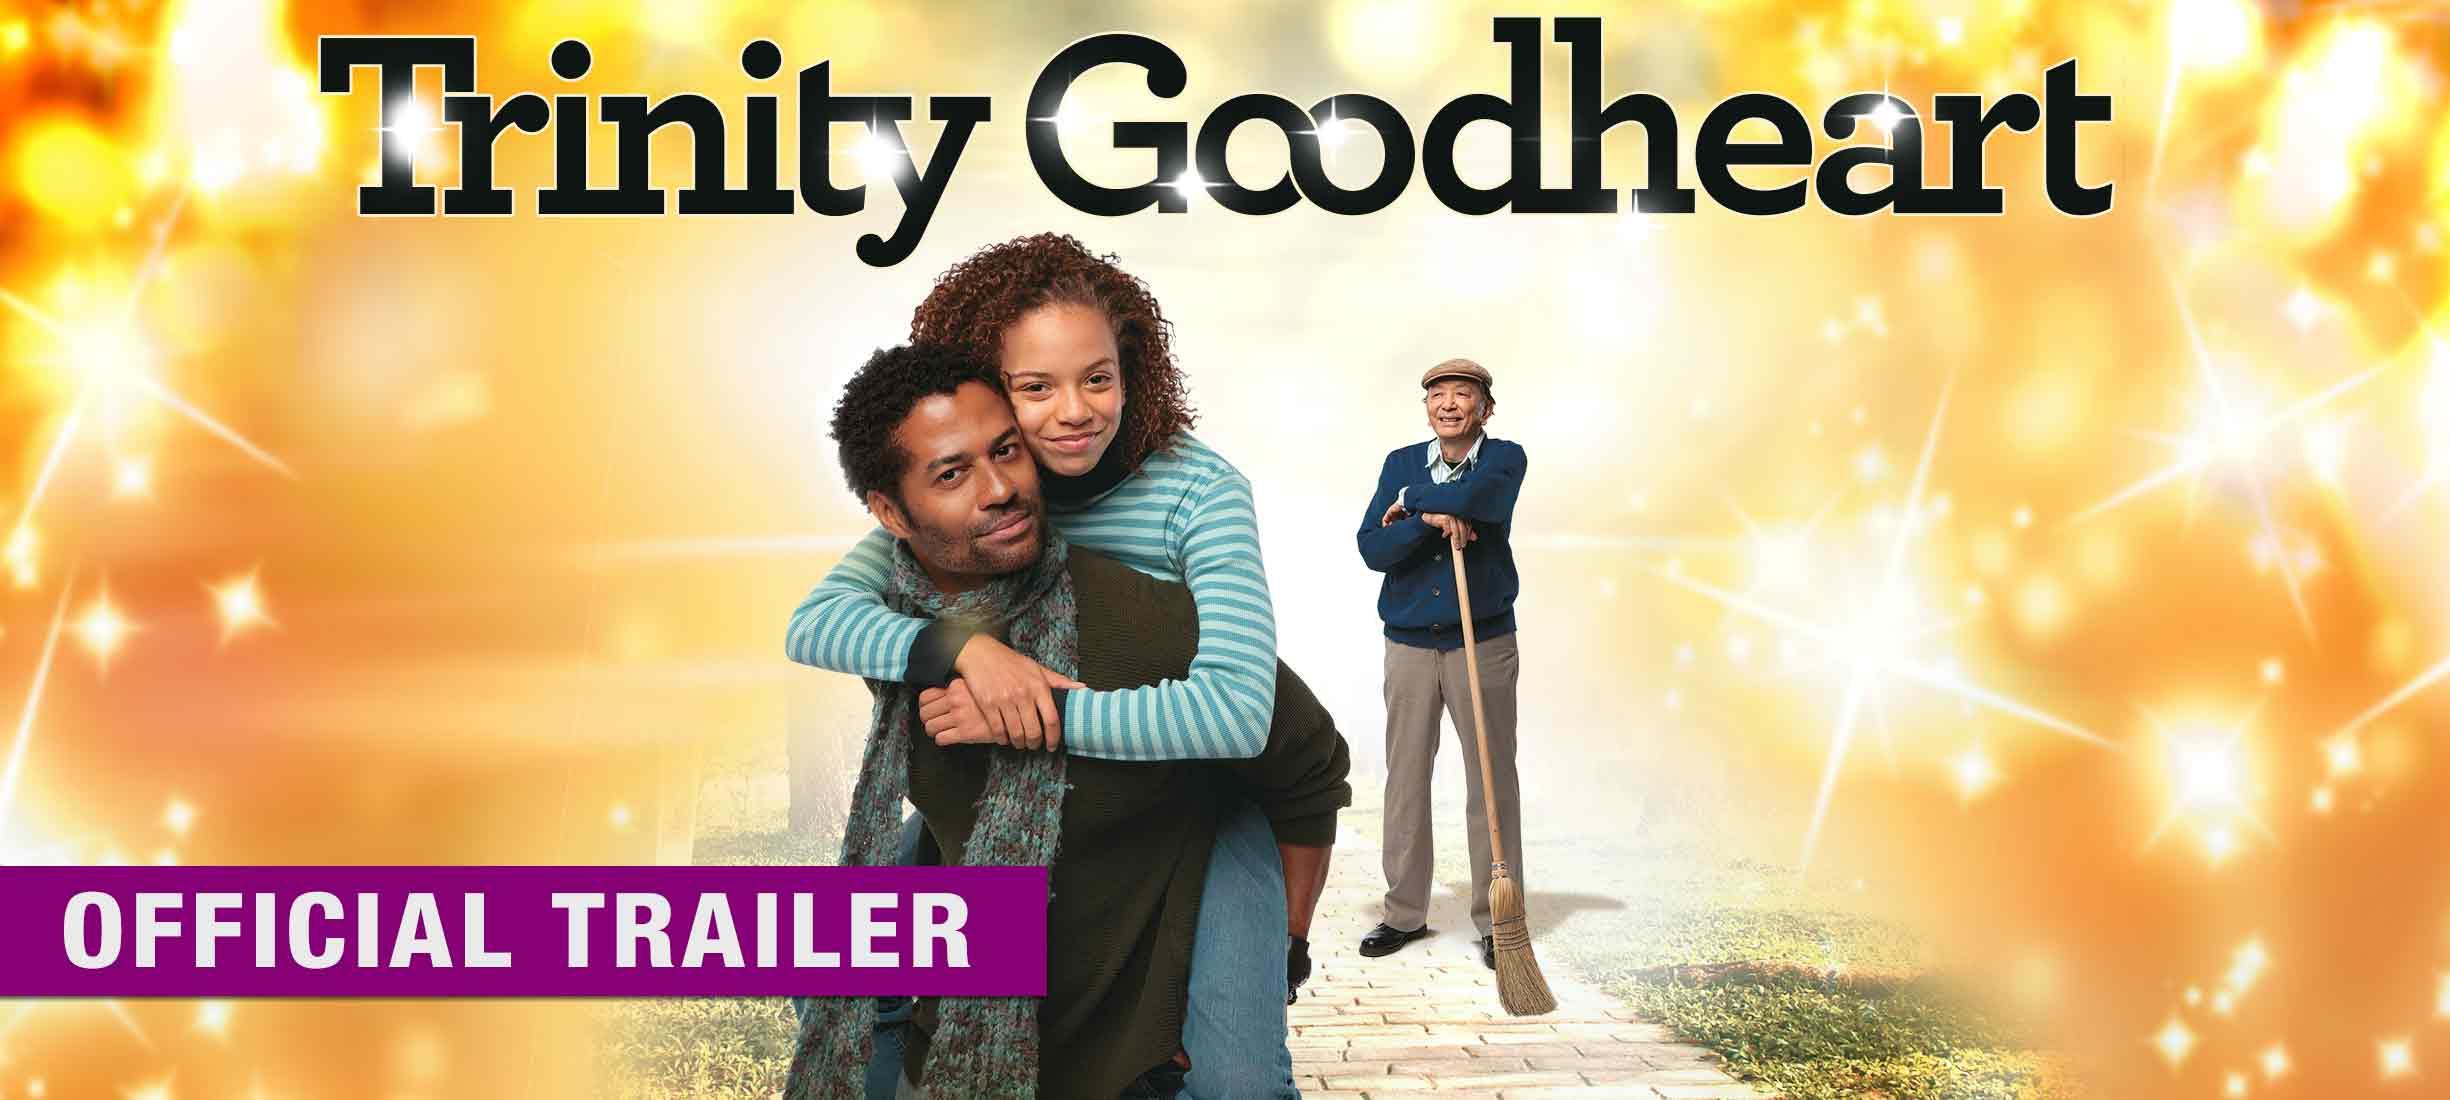 Trinity Goodheart: Trailer